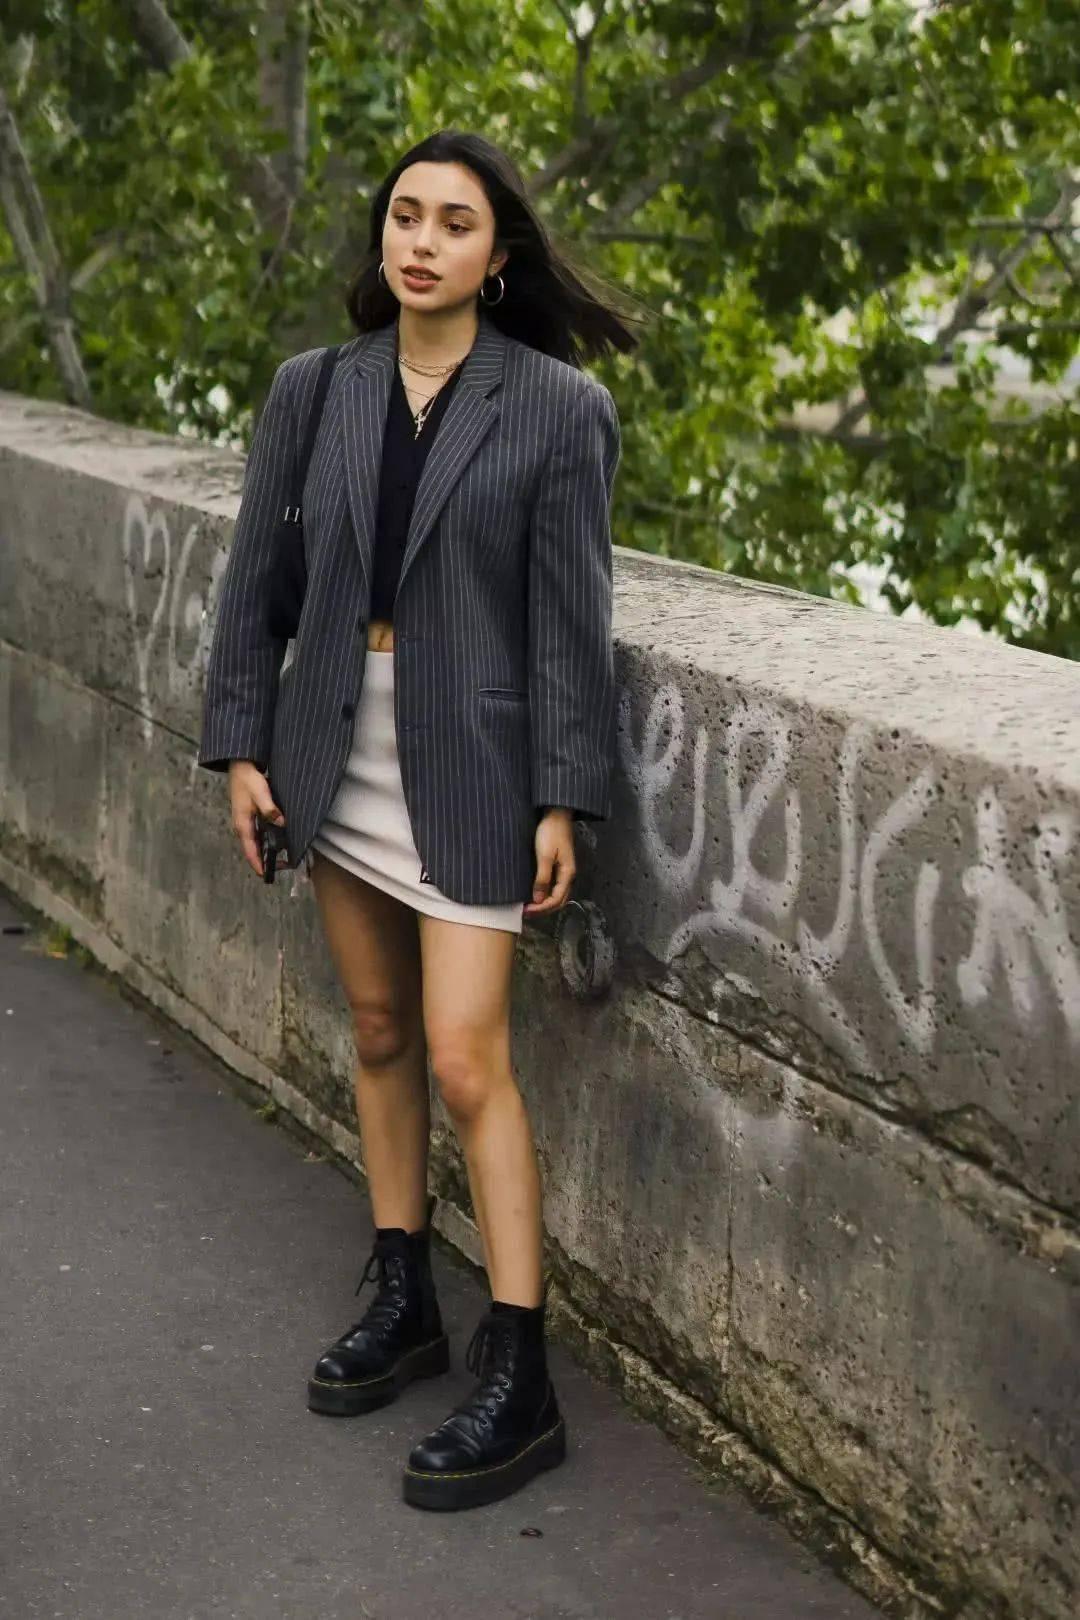 马丁靴+裙子,马丁靴+工装裤……又酷又撩,时髦炸了!     第68张